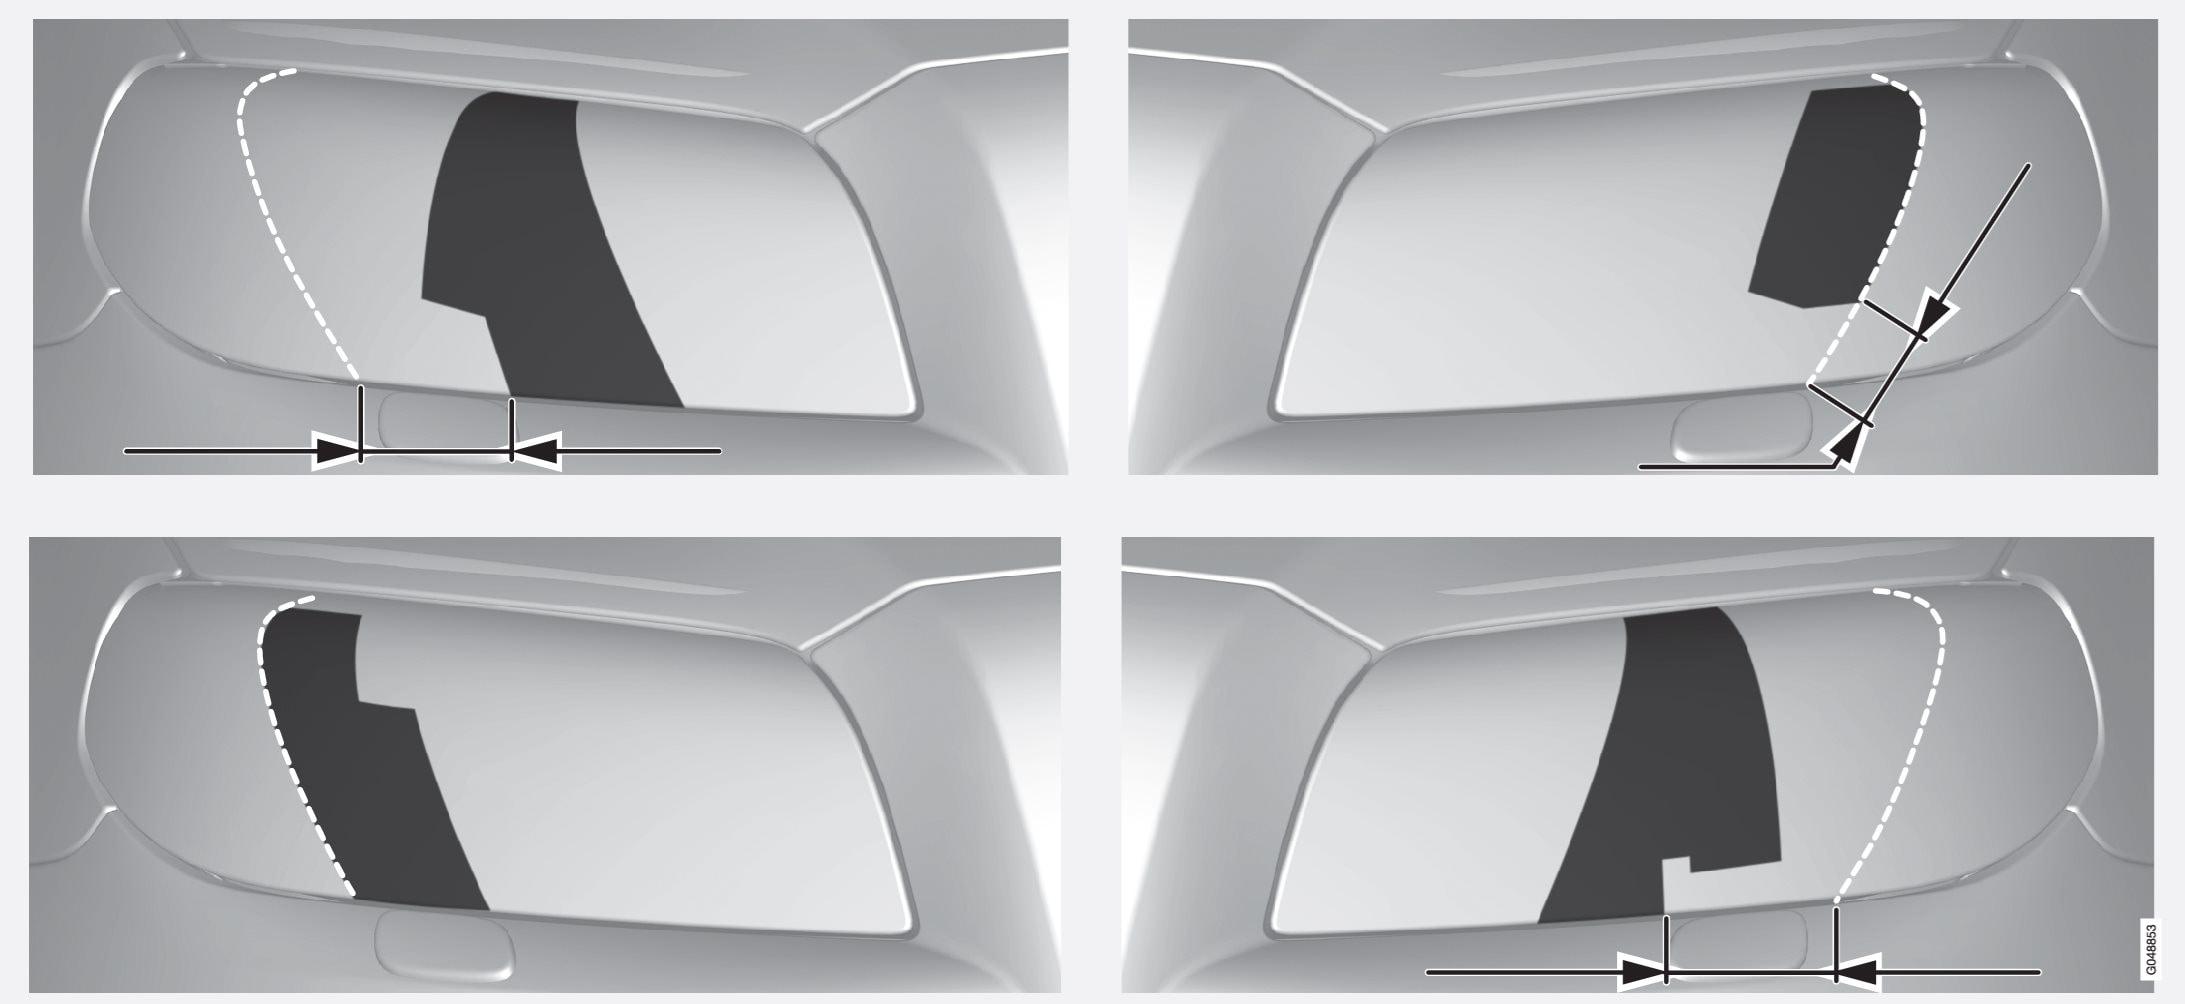 Linha superior: modelos com volante à esquerda, padrões A e B. Linha inferior: modelos com volante à direita, padrões C e D.